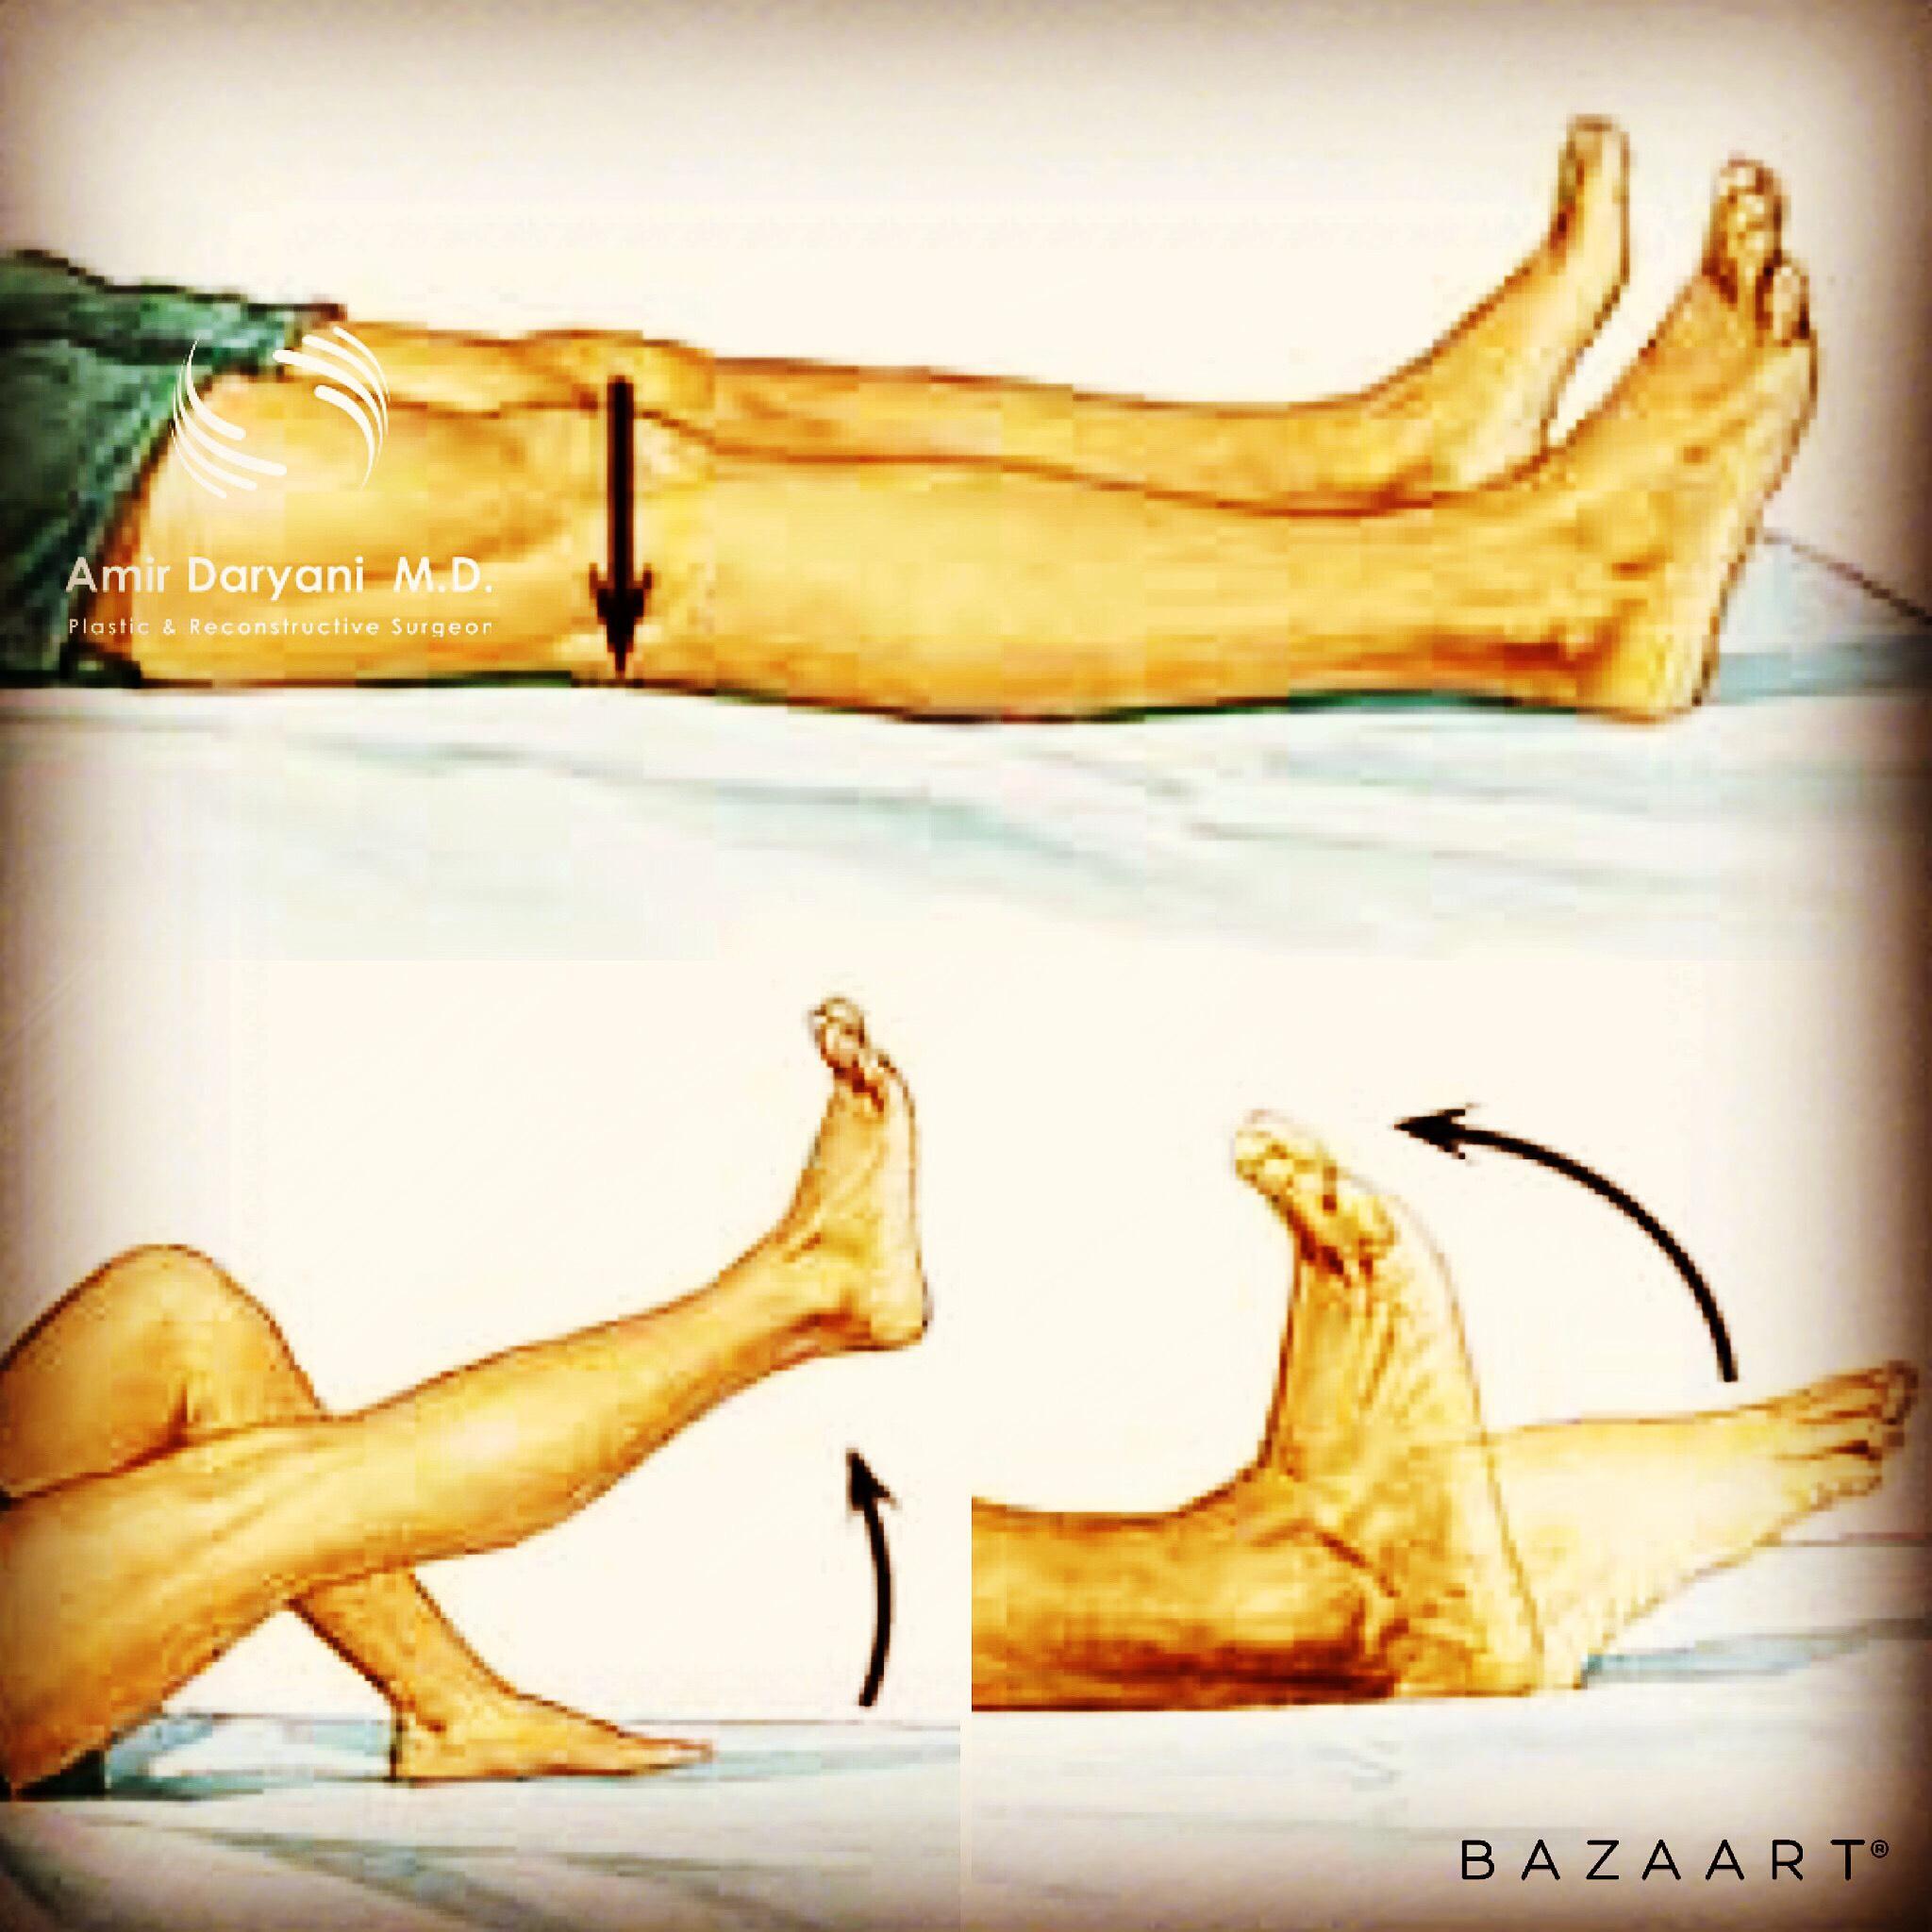 حرکات پا بعد از ابدومینوپلاستی یا لیپوساکشن